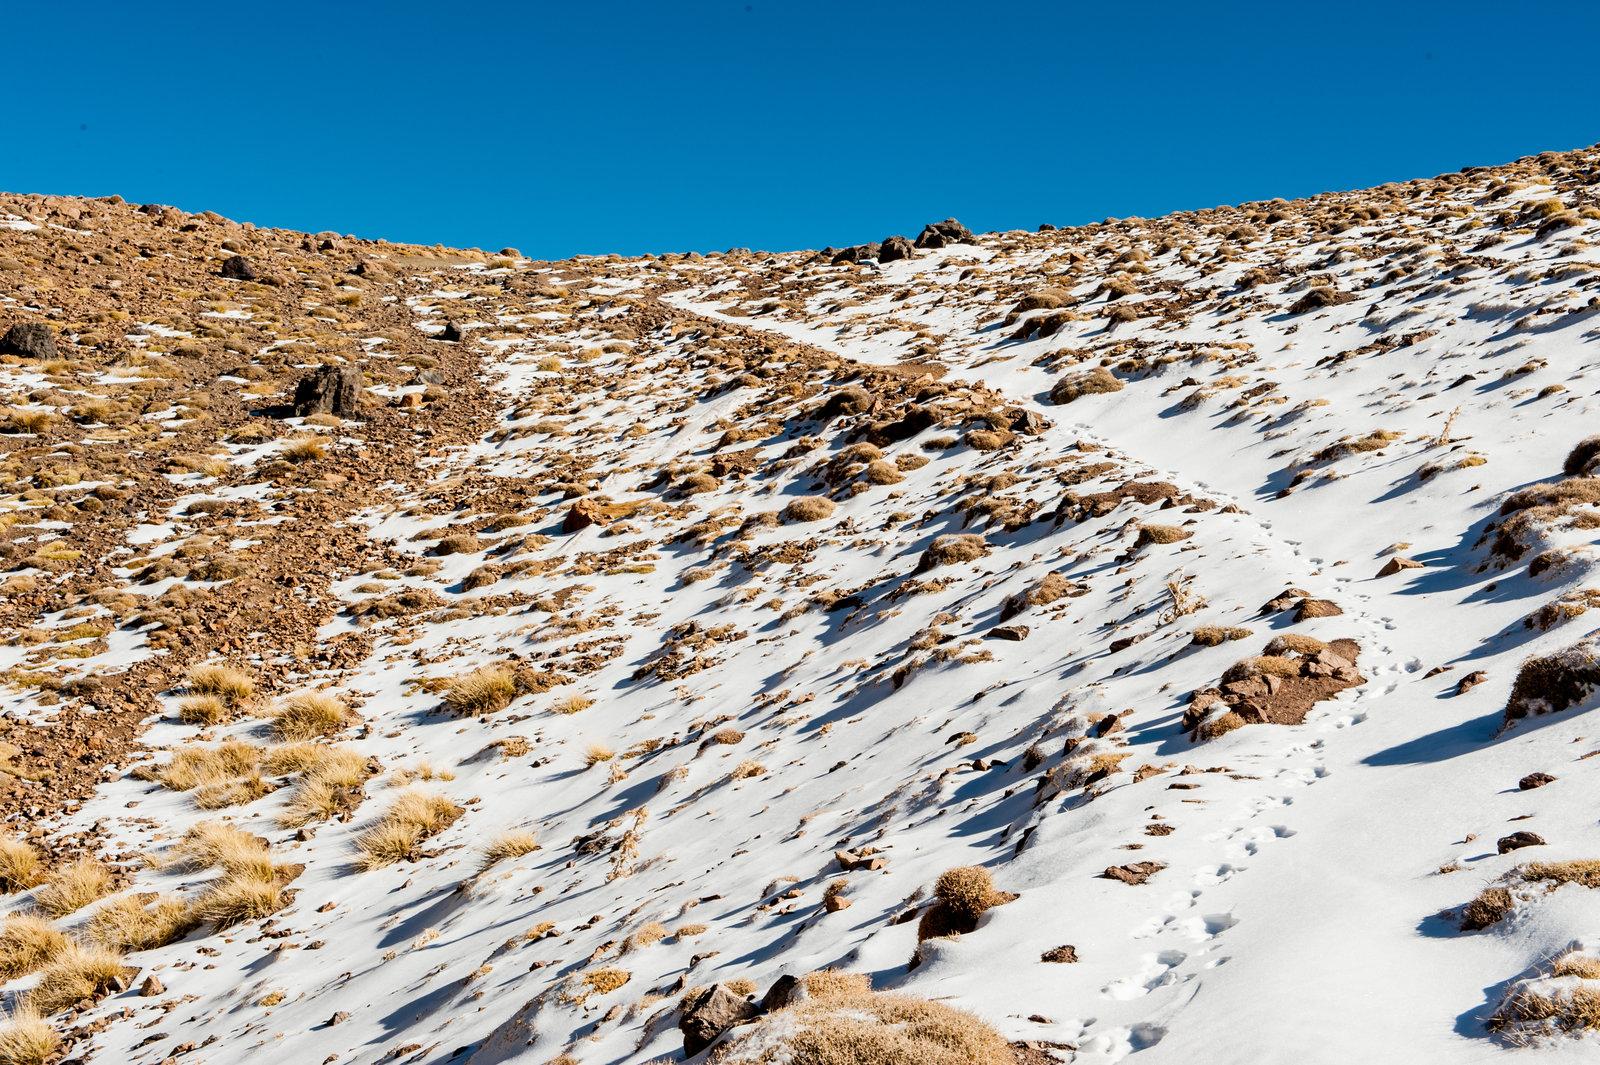 maroko-antyatlas-trekking-marrakesz-12